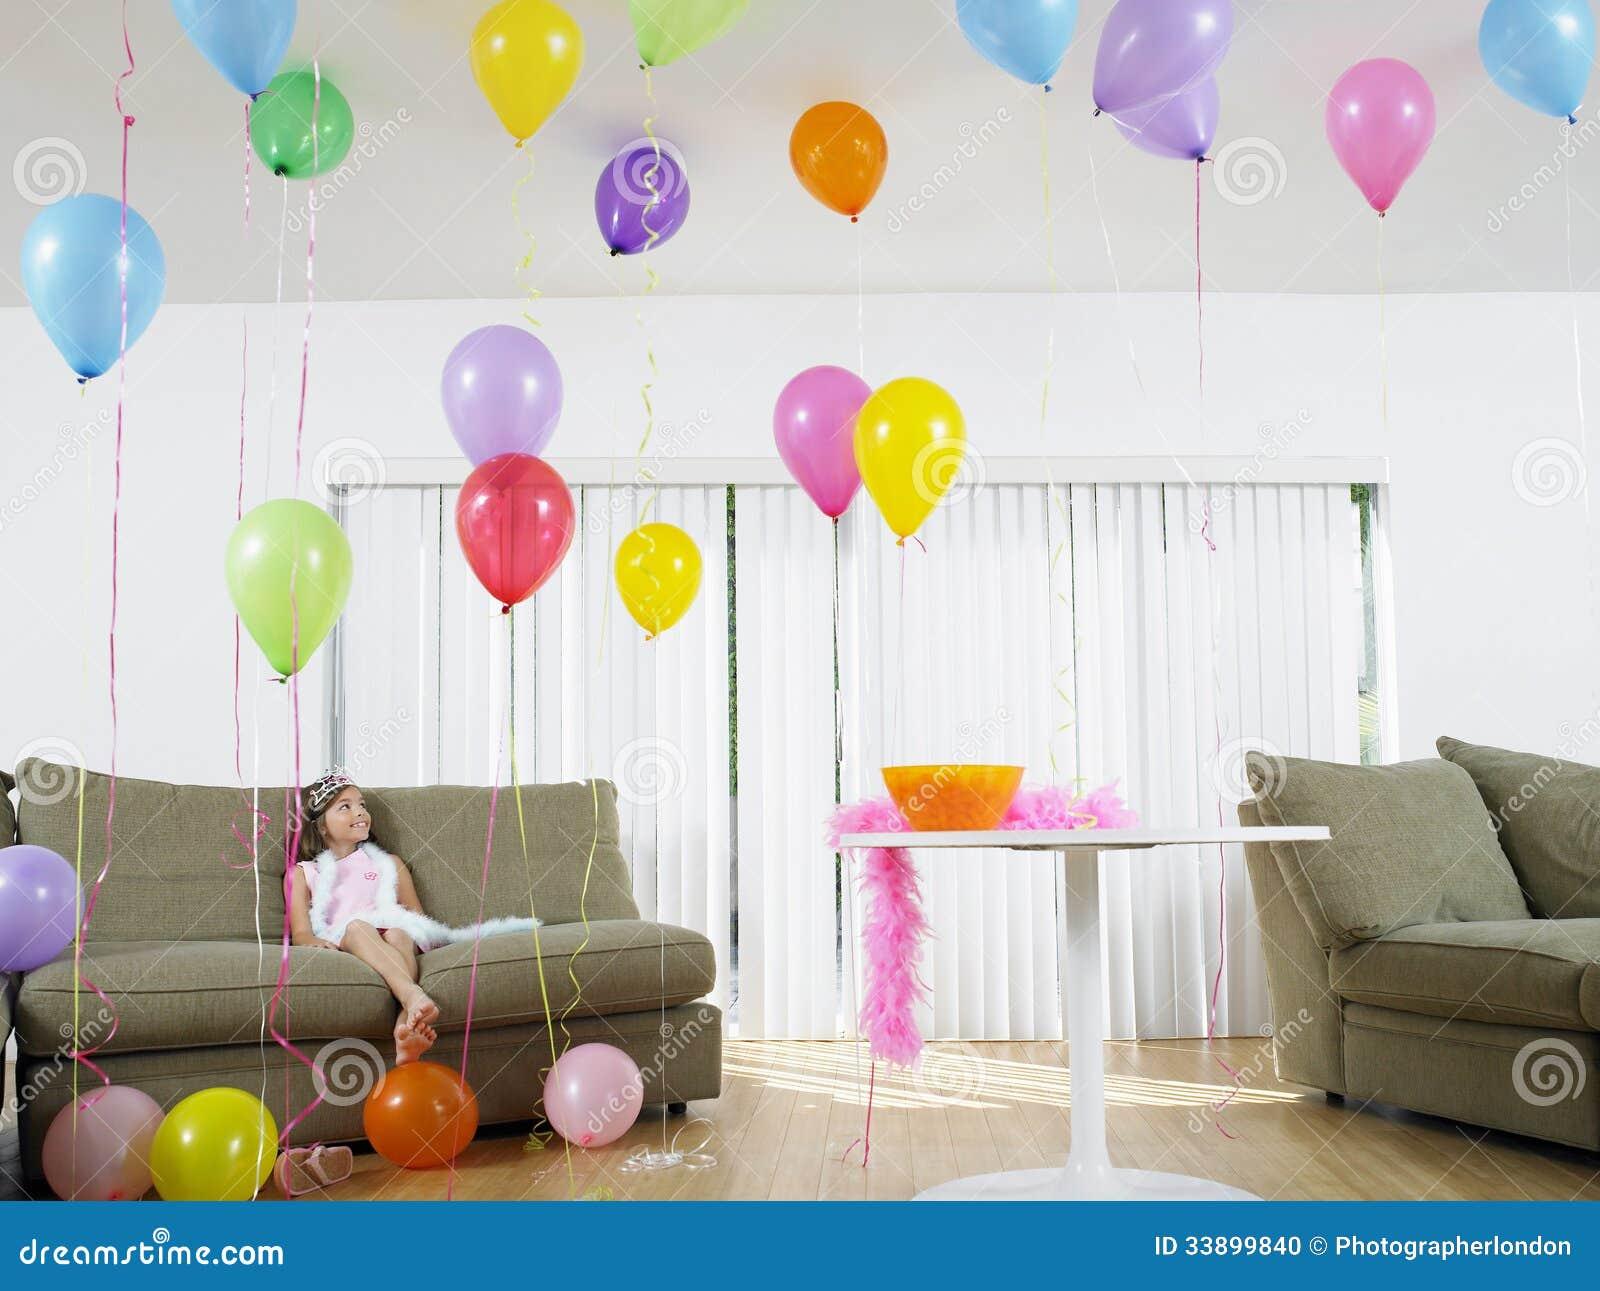 Красивое оформление комнаты на день рождения ребенка